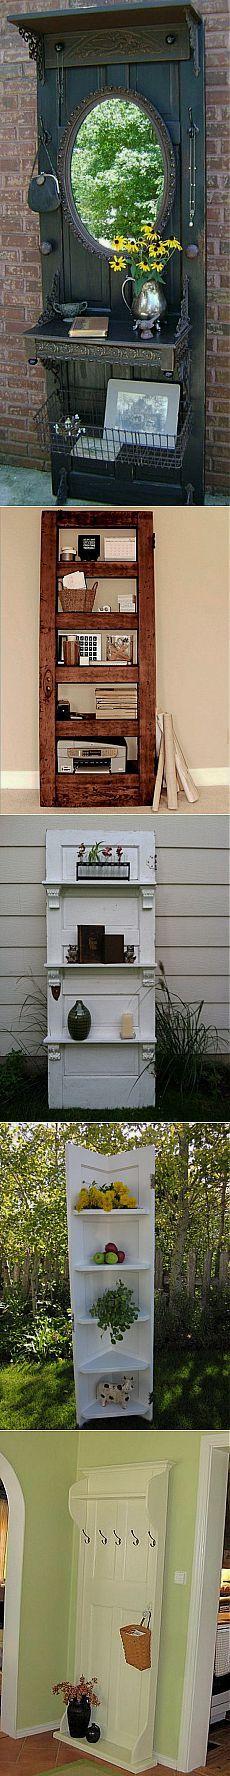 Не выбрасывайте старые двери - из них можно создать чудо!.